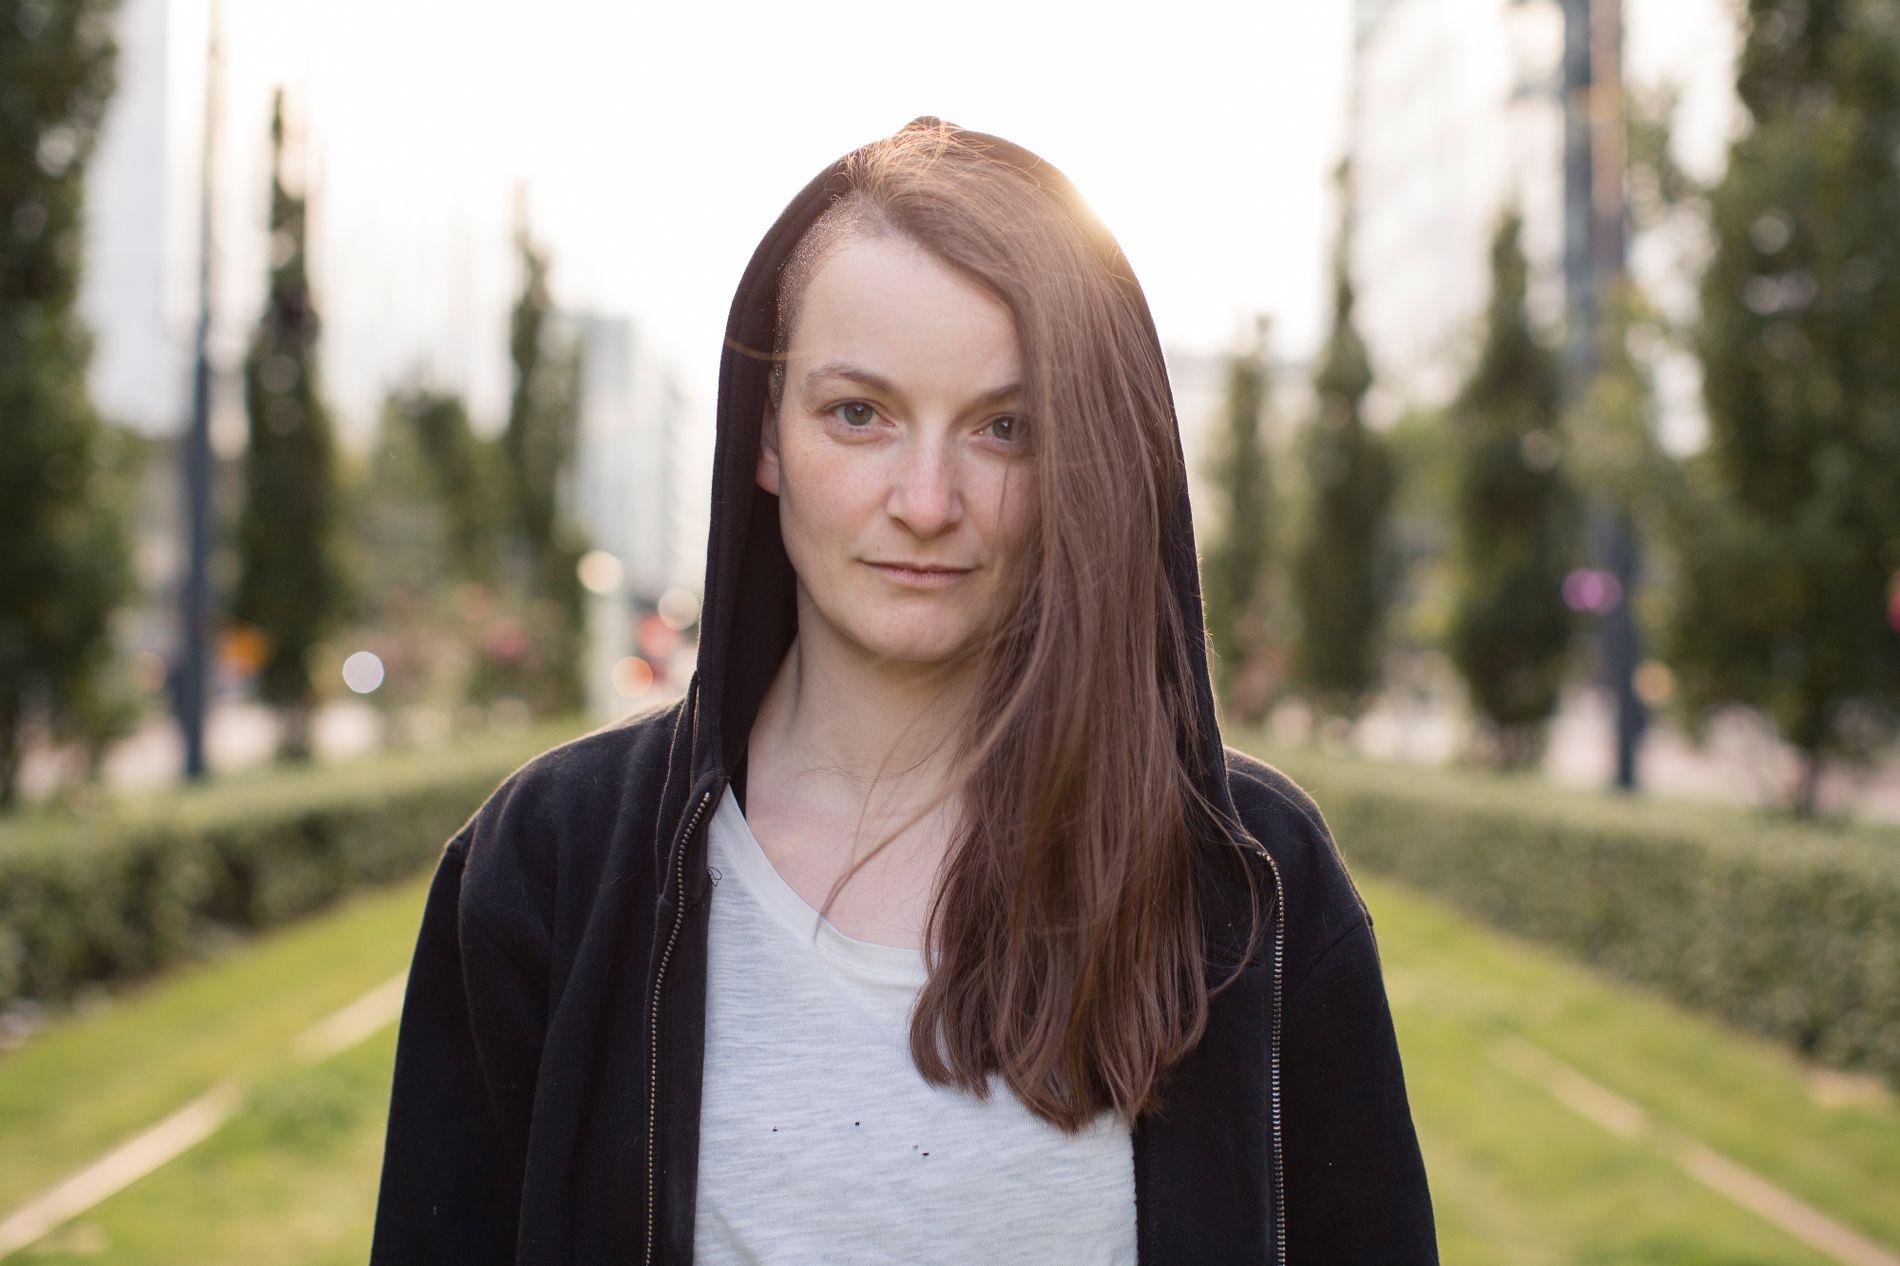 SKRIVER OM TIDSAKTUELT TEMA: I fjor høst snakket man om «barselbølgen» i norsk litteratur - nå kan vi snakke om barnløshet-bølgen. Eller «barnefri», som det gjerne kalles, når barnløsheten er frivillig,  skriver VGs anmelder, etter å ha lest Linn Strømsborgs (bildet) nye bok, hennes femte.